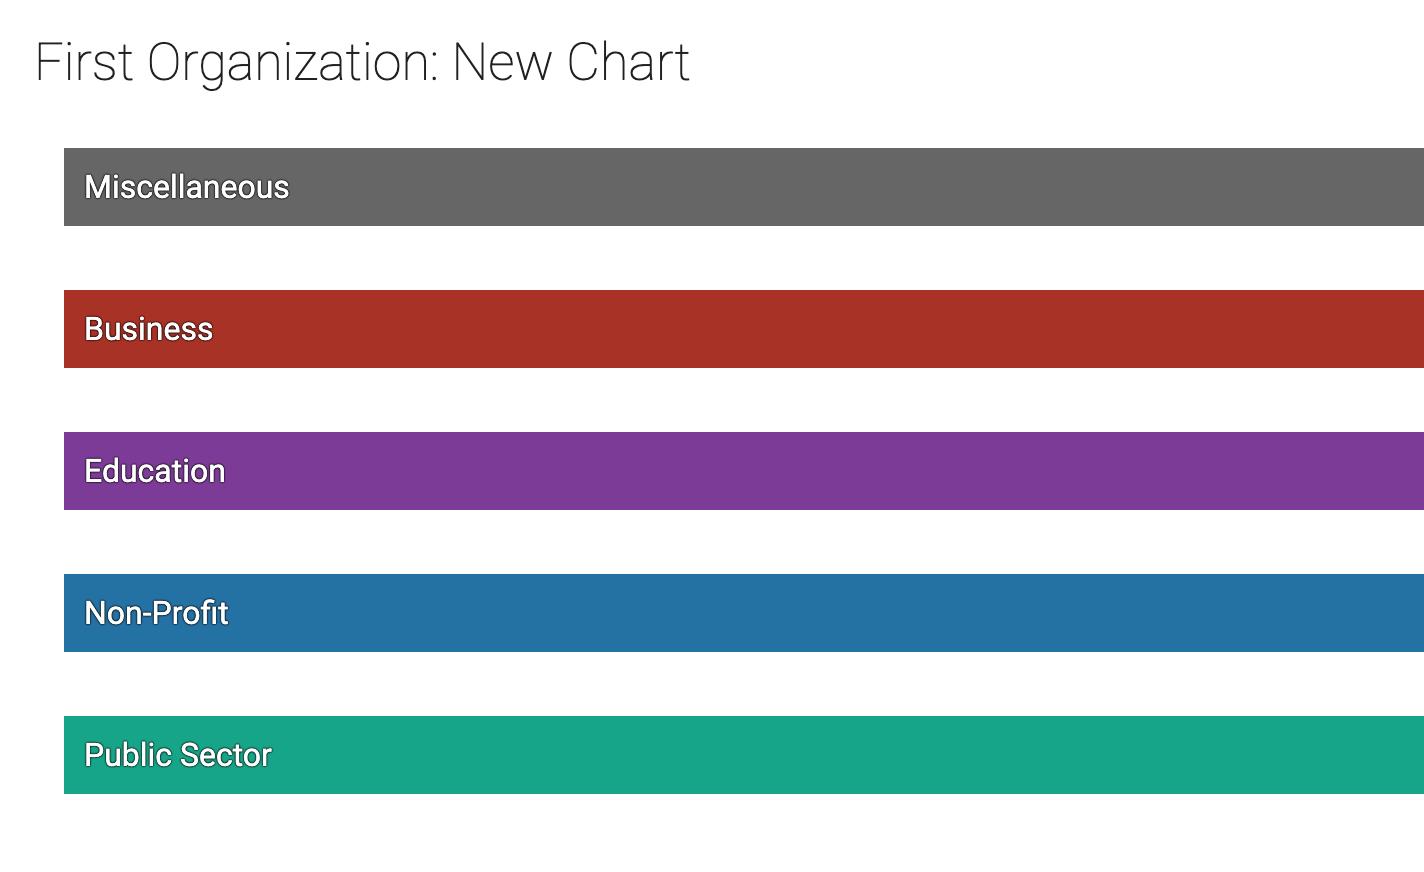 organimi-new-chart-categories